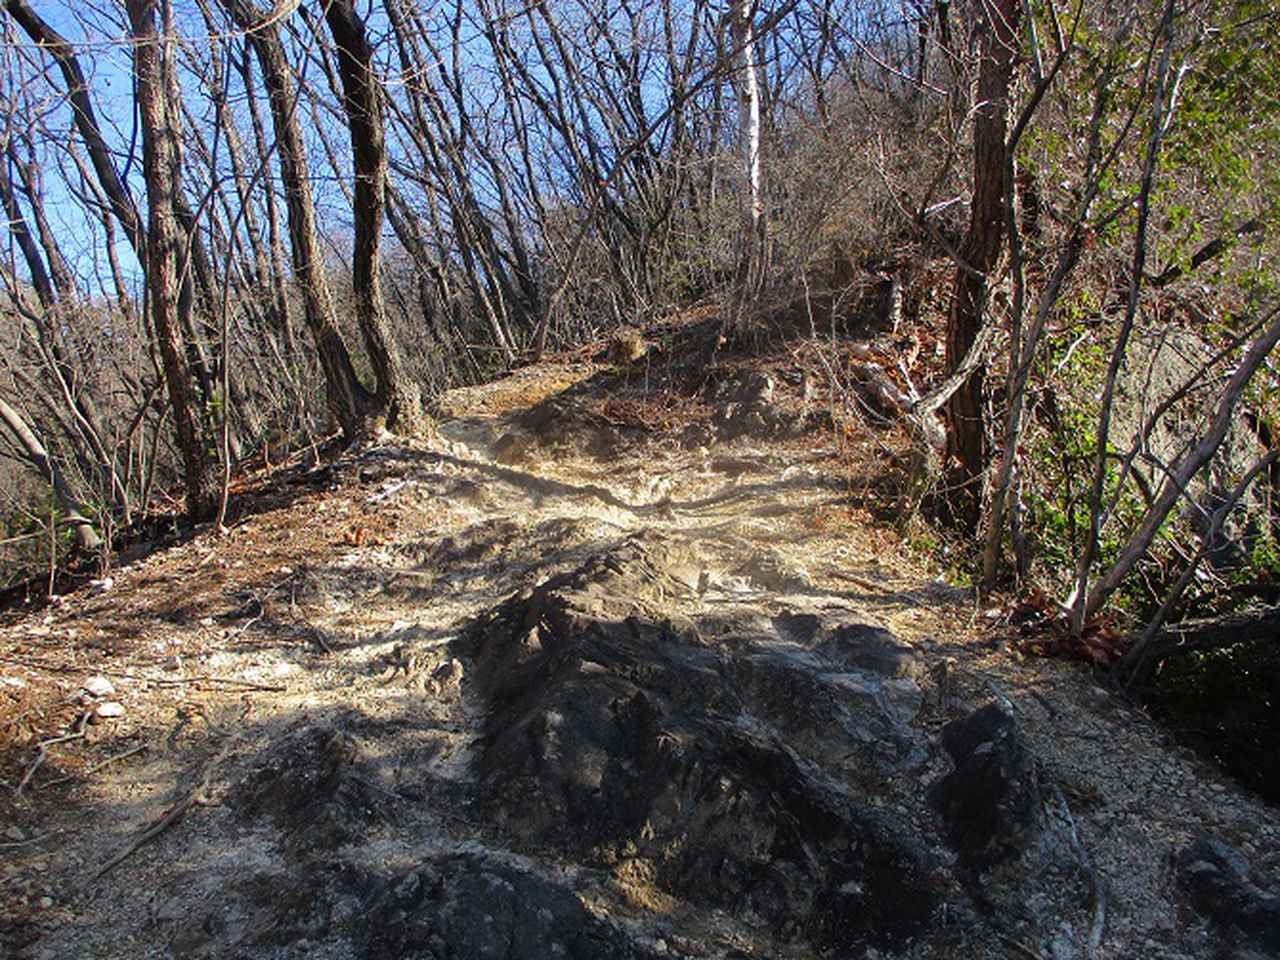 画像2: 4月の山旅会 神成山 の下見に行ってきました!